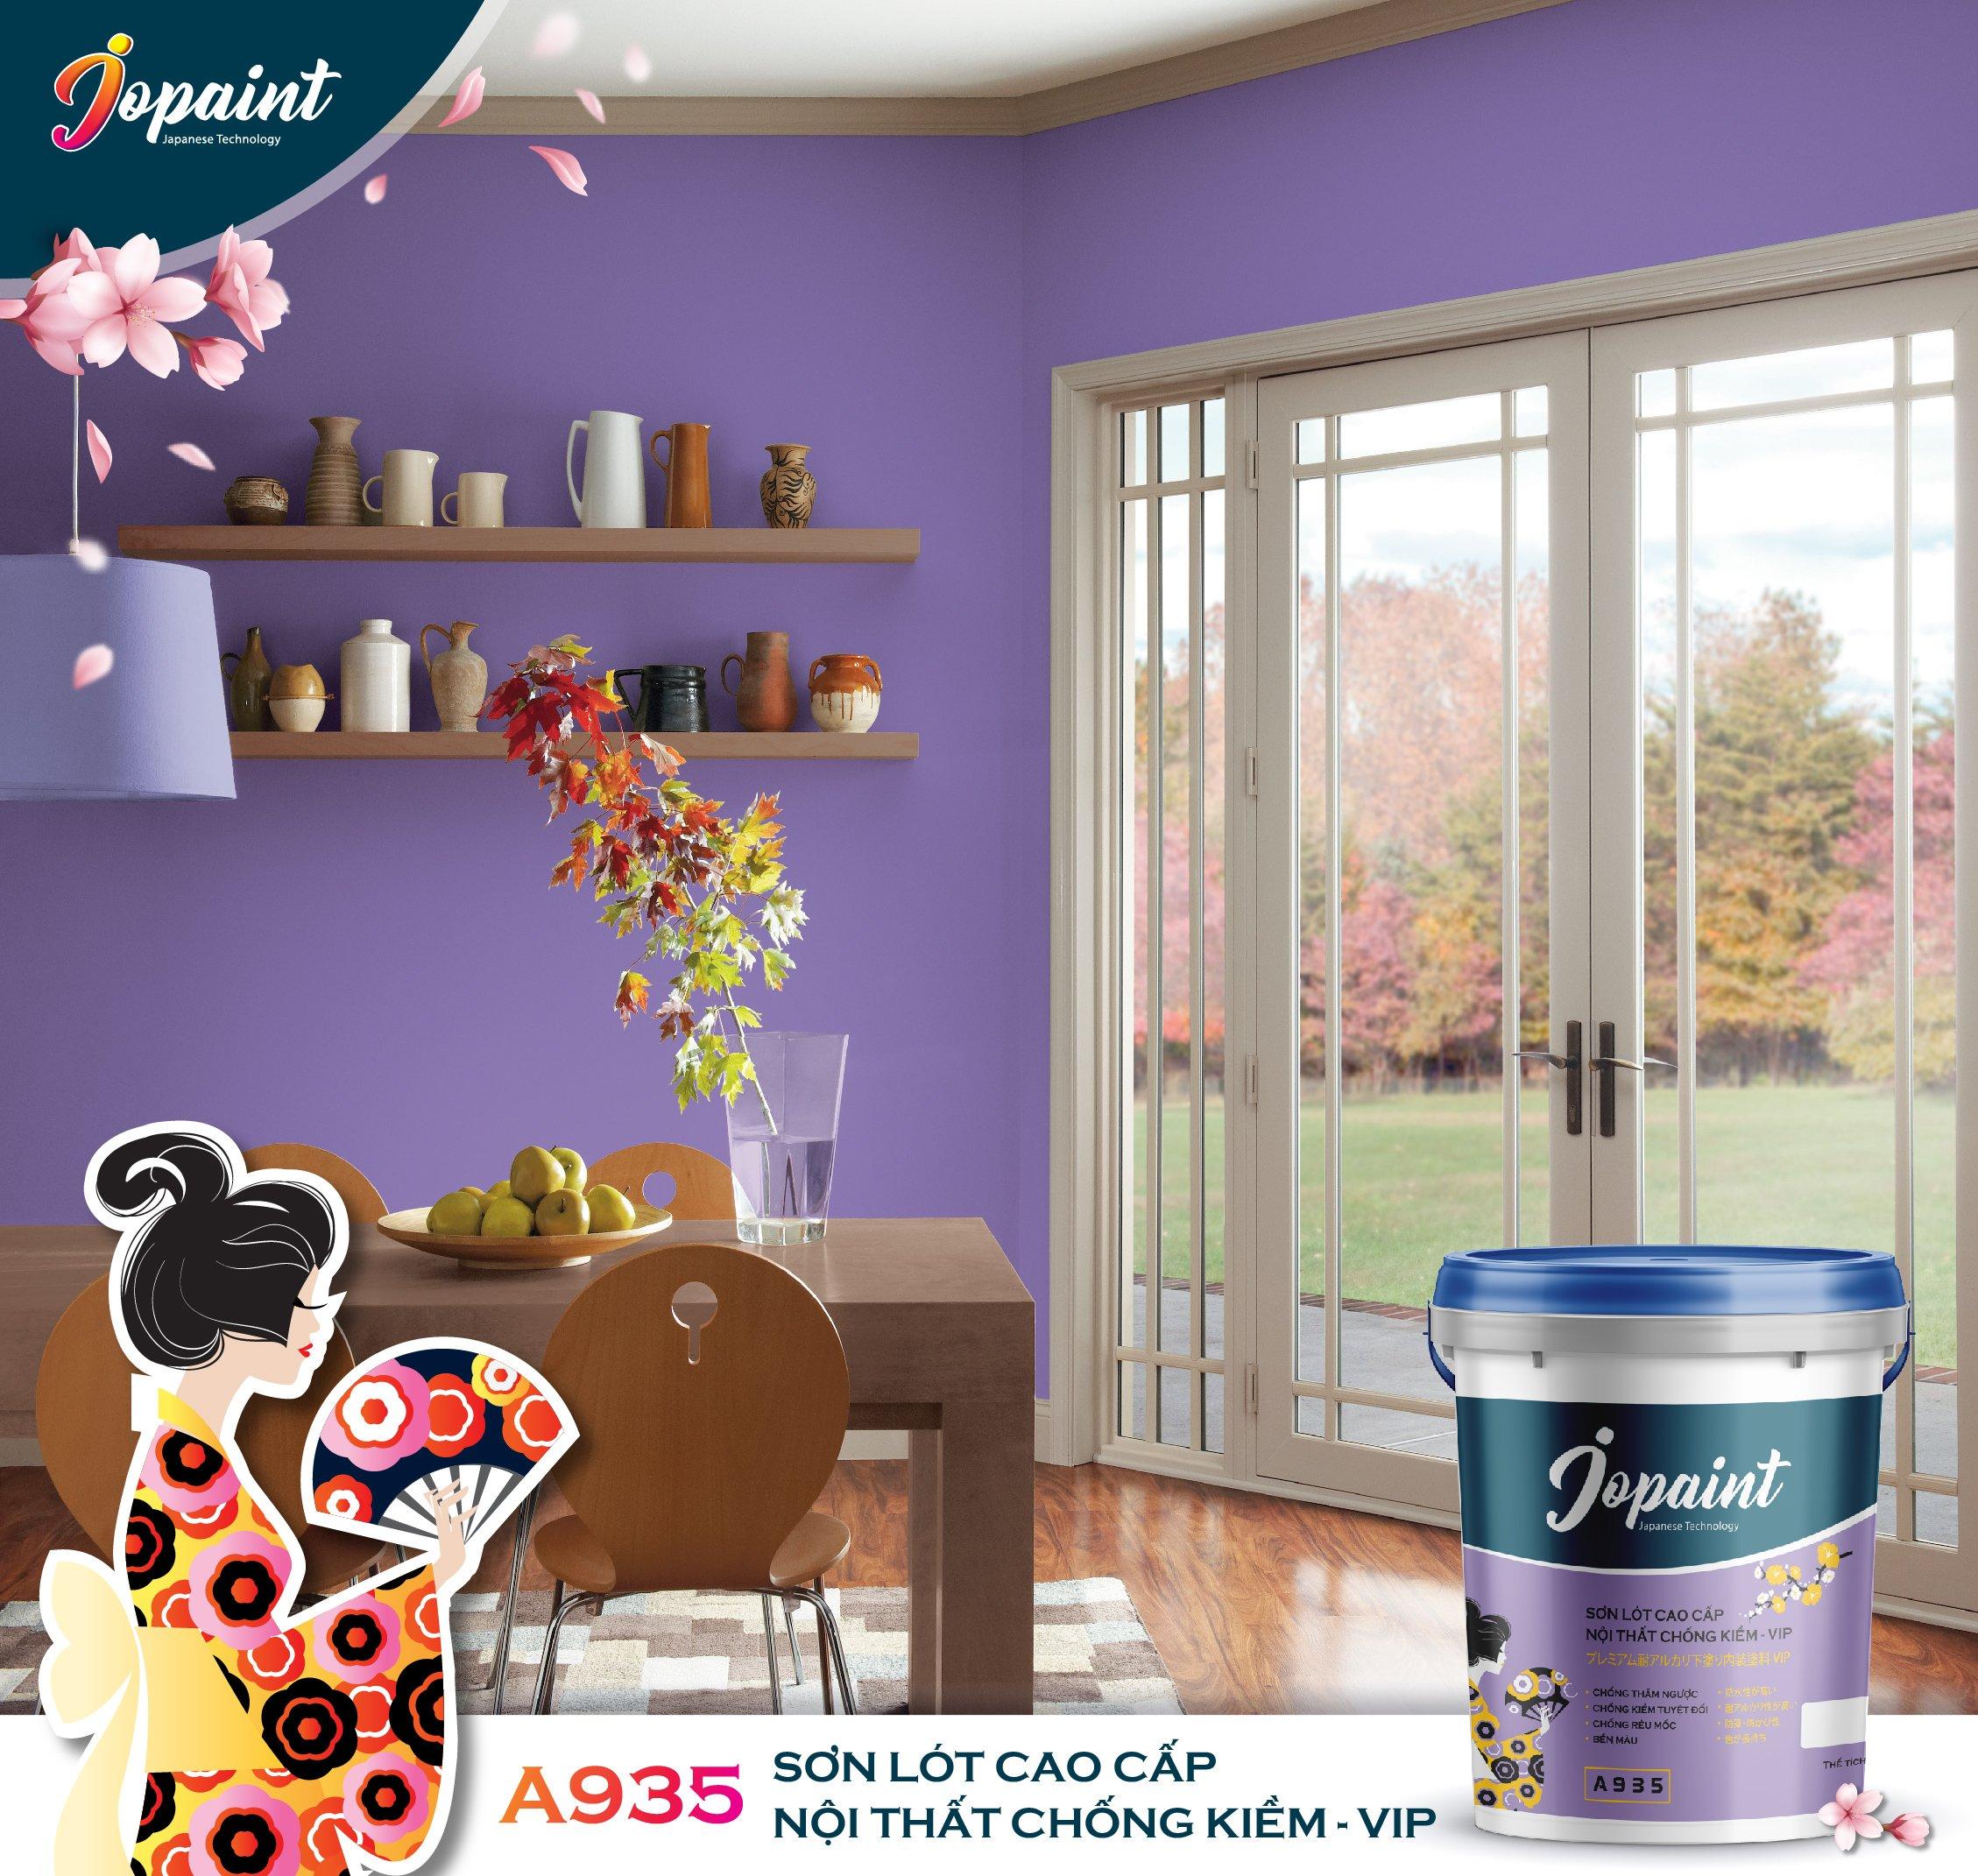 Căn nhà màu tím sơn Jopaint